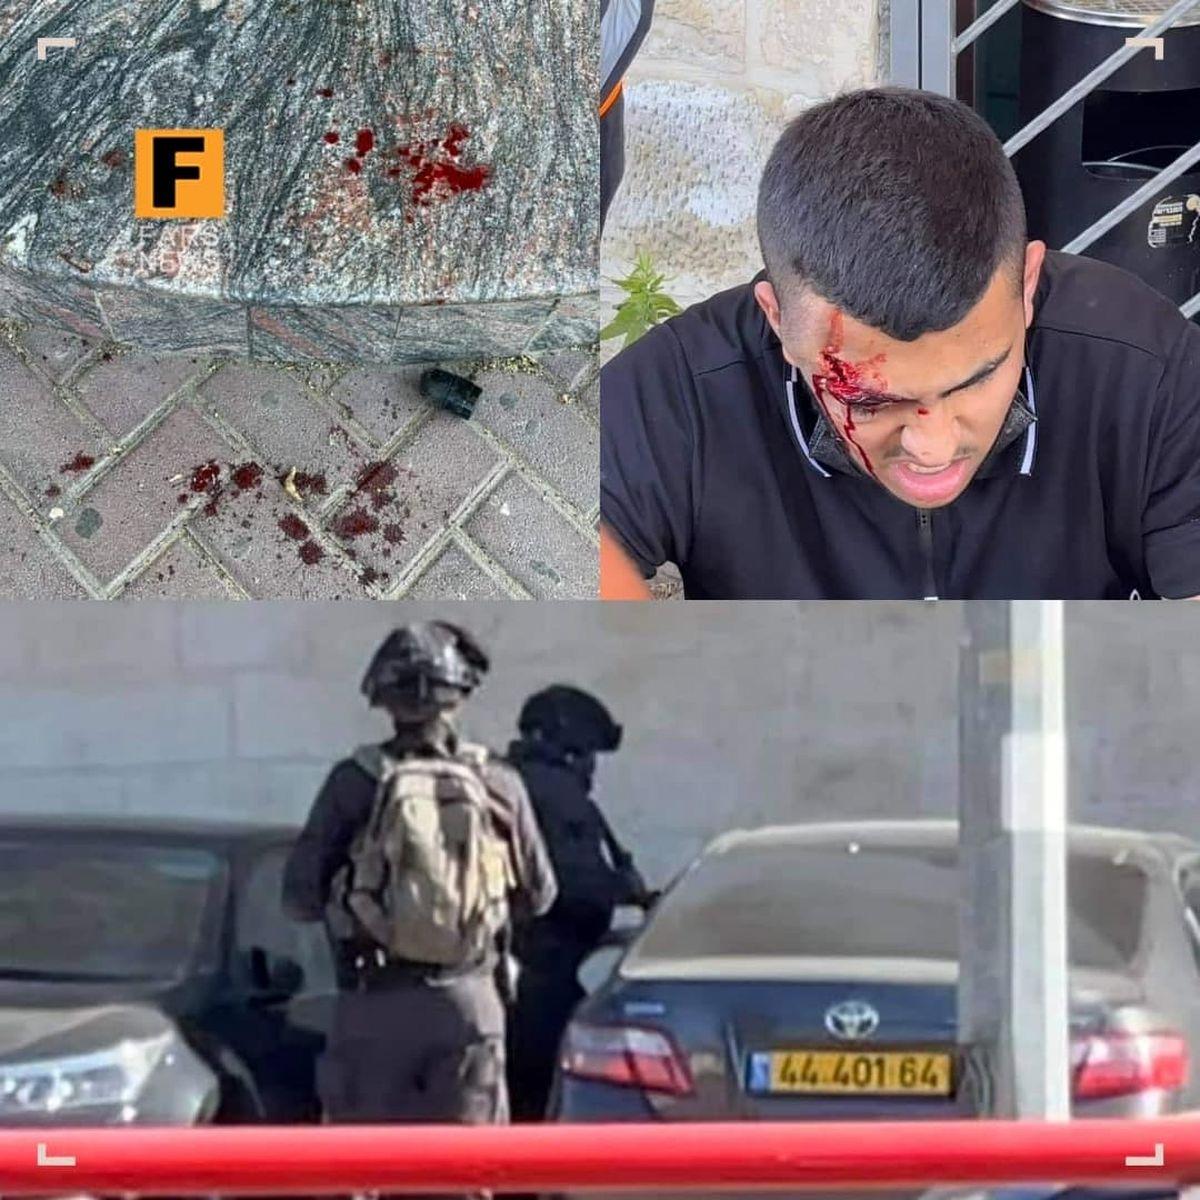 شلیک به جوان فلسطینی از فاصله صفر! +عکس